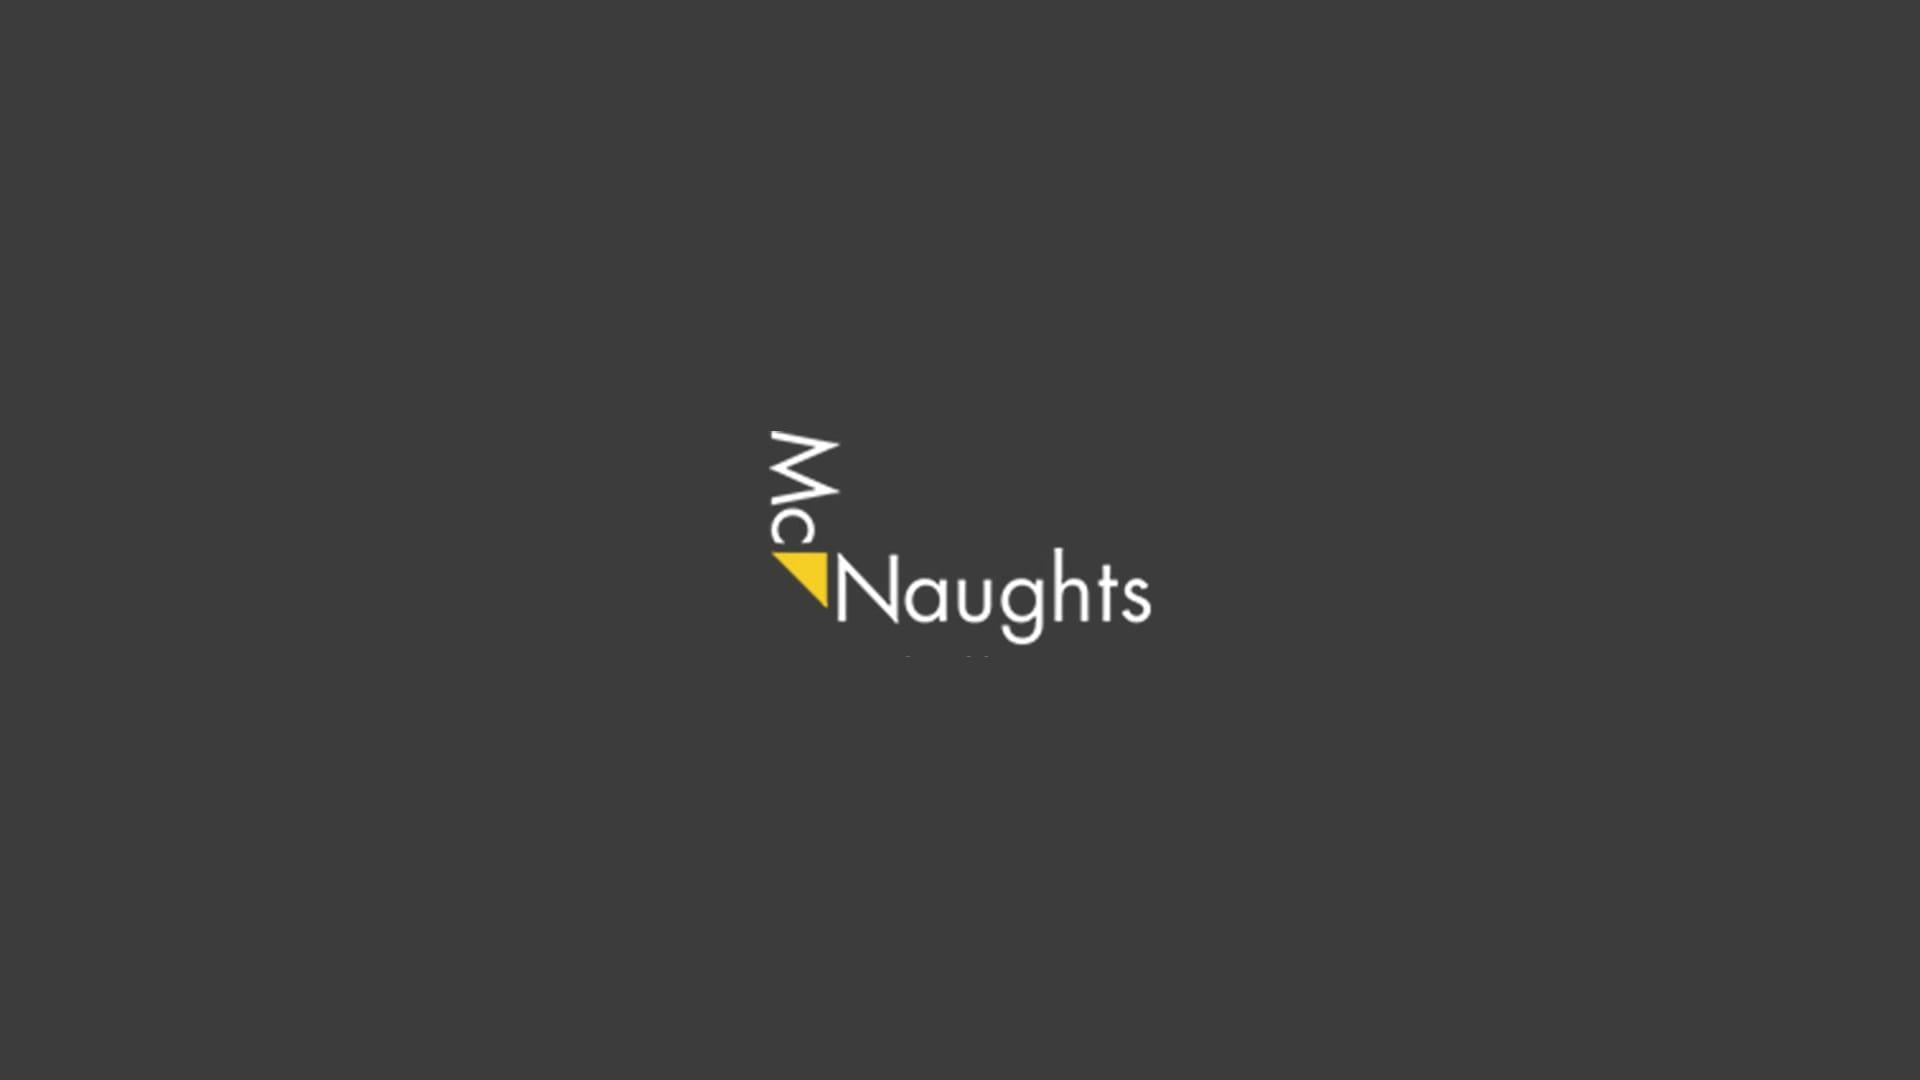 Mcnuaghts blog placeholder image